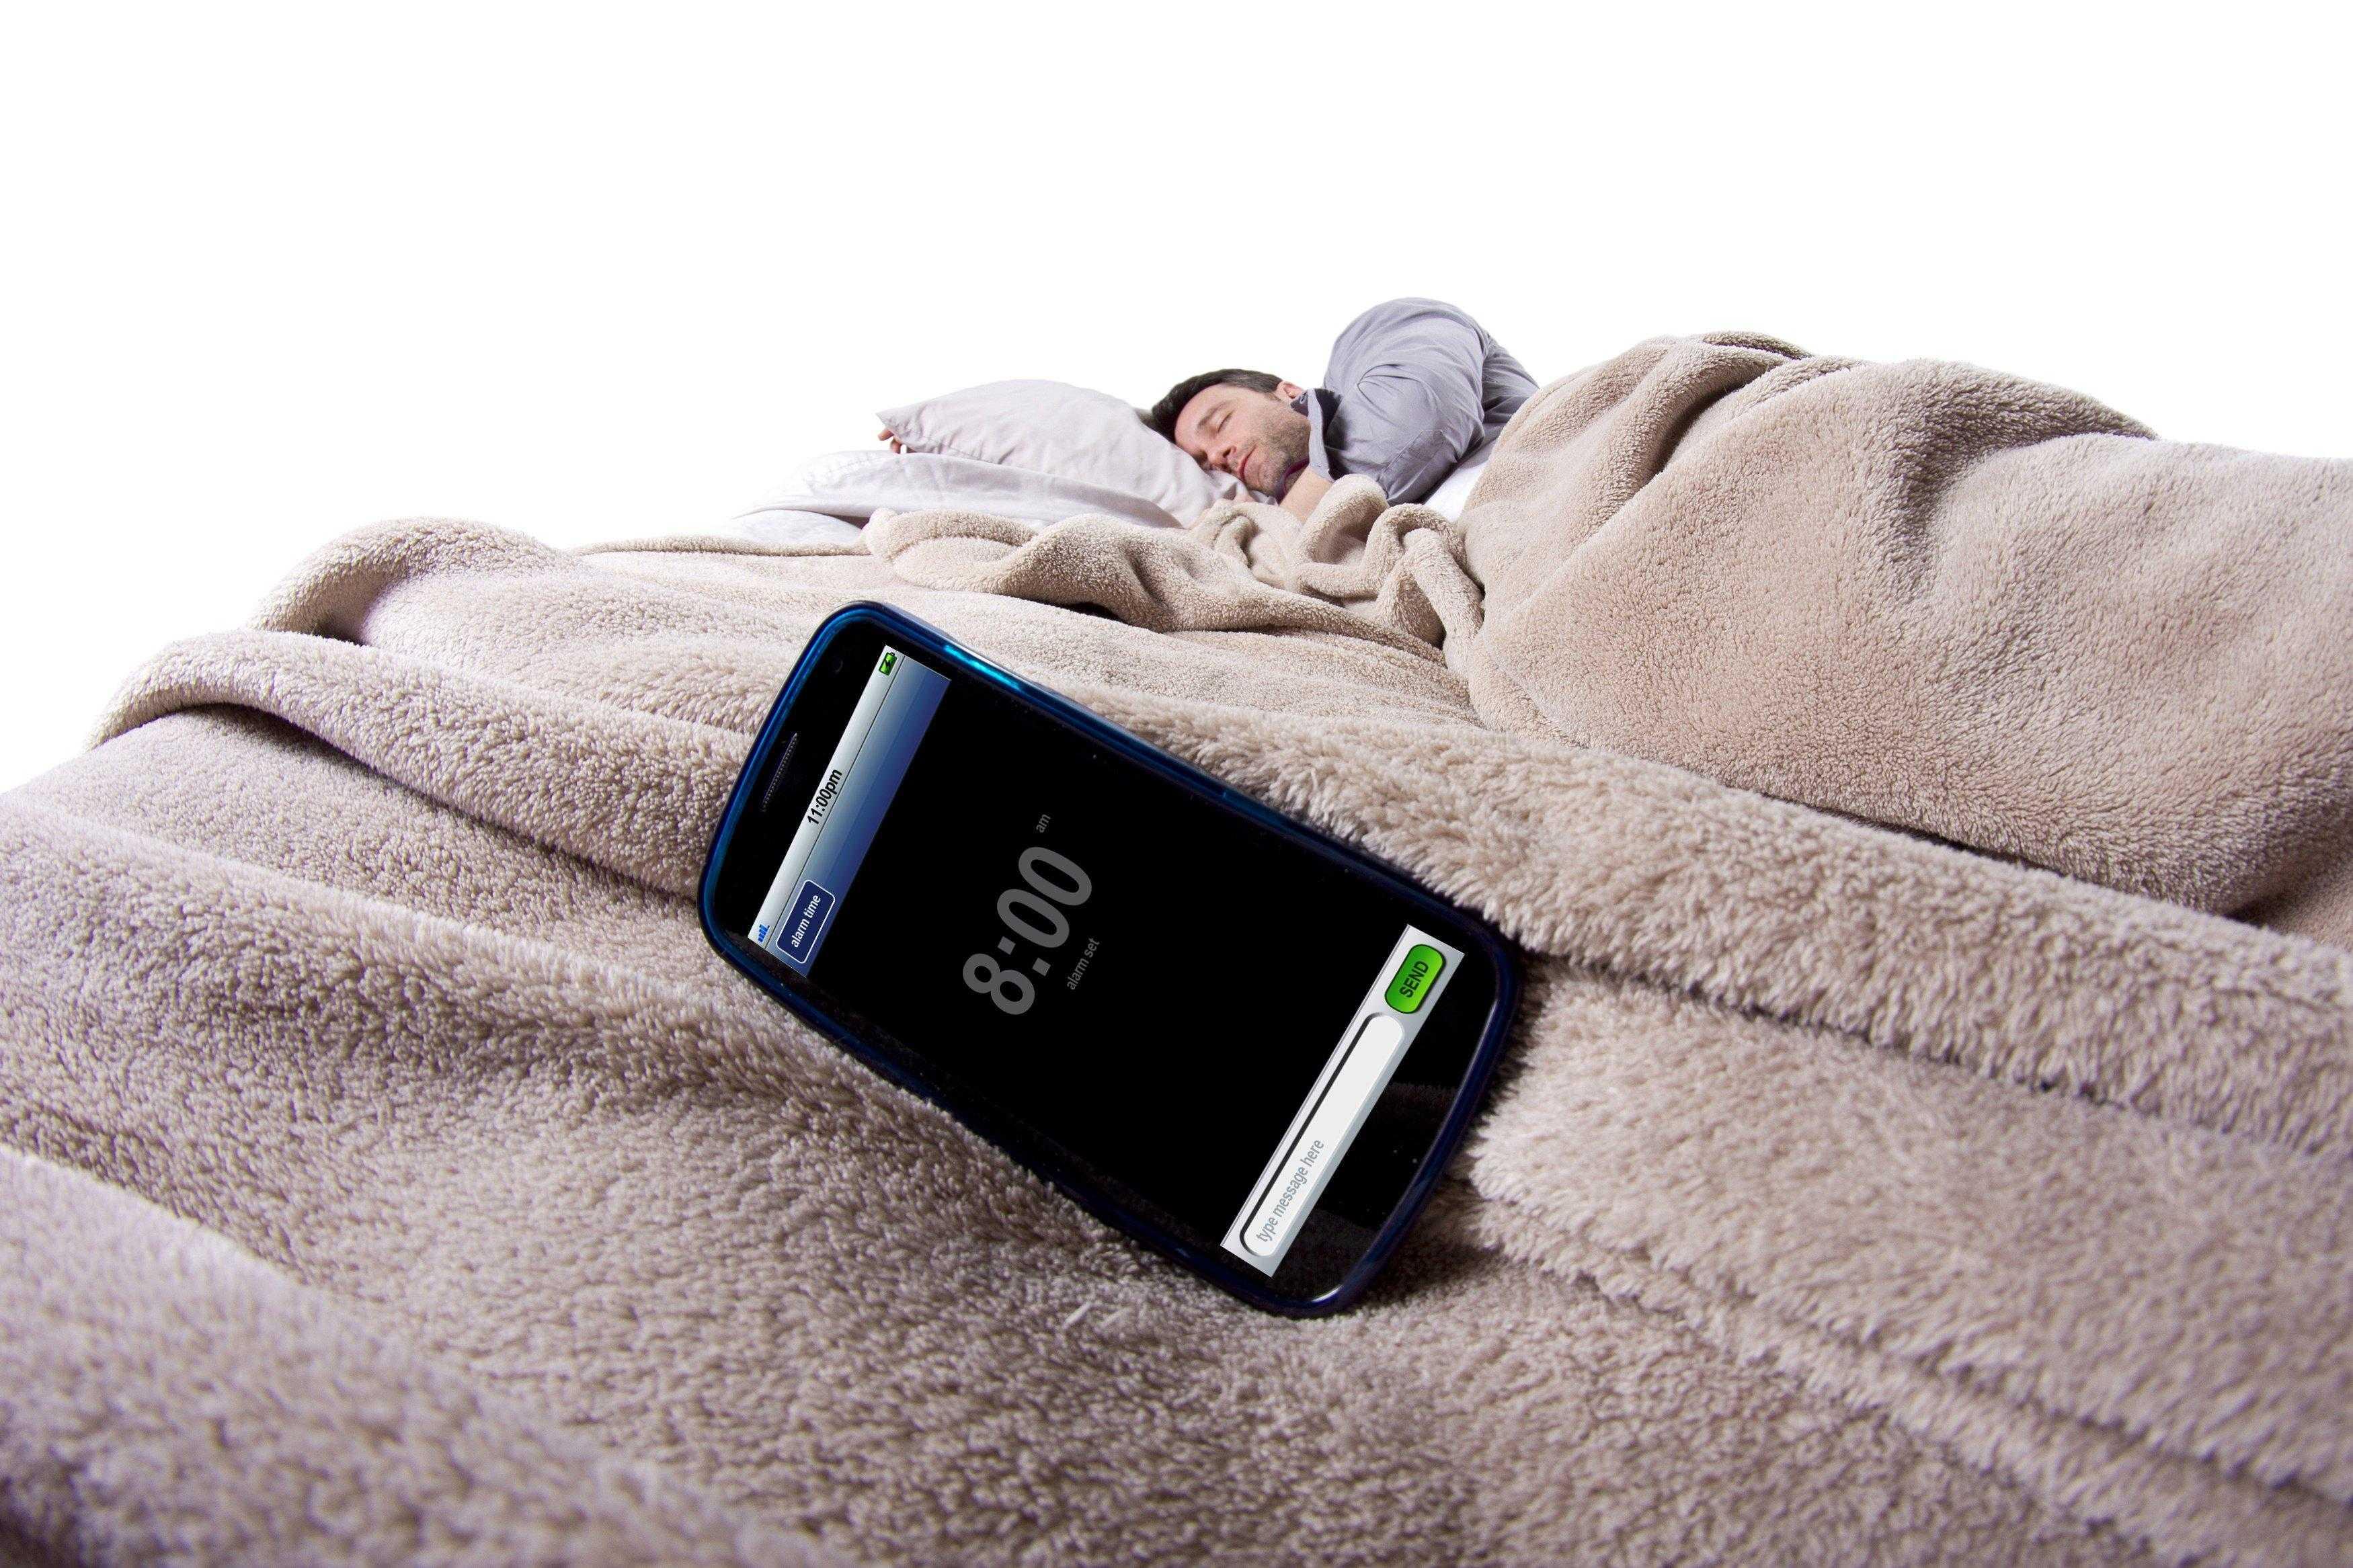 Sveglia-le-5-app-che-non-ti-lasceranno-dormire